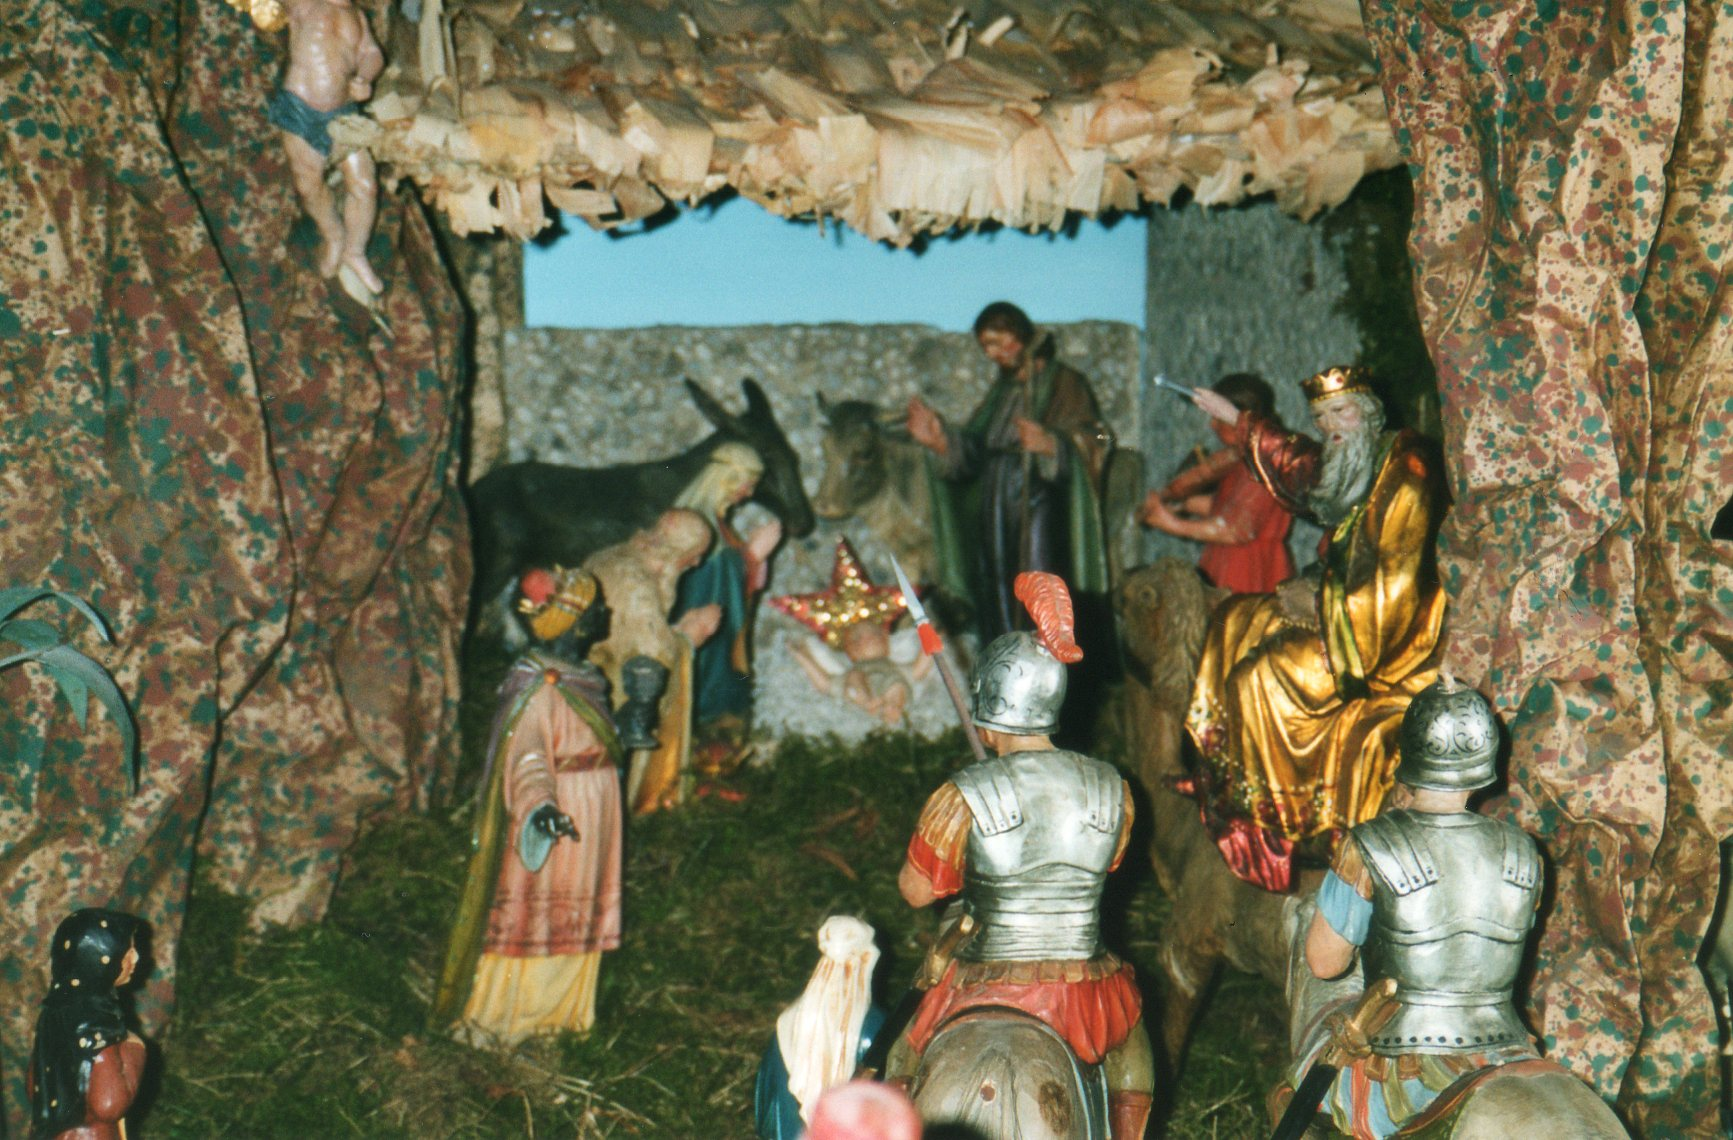 Presepe di San Rocco a Gemona (1999 e 2000)